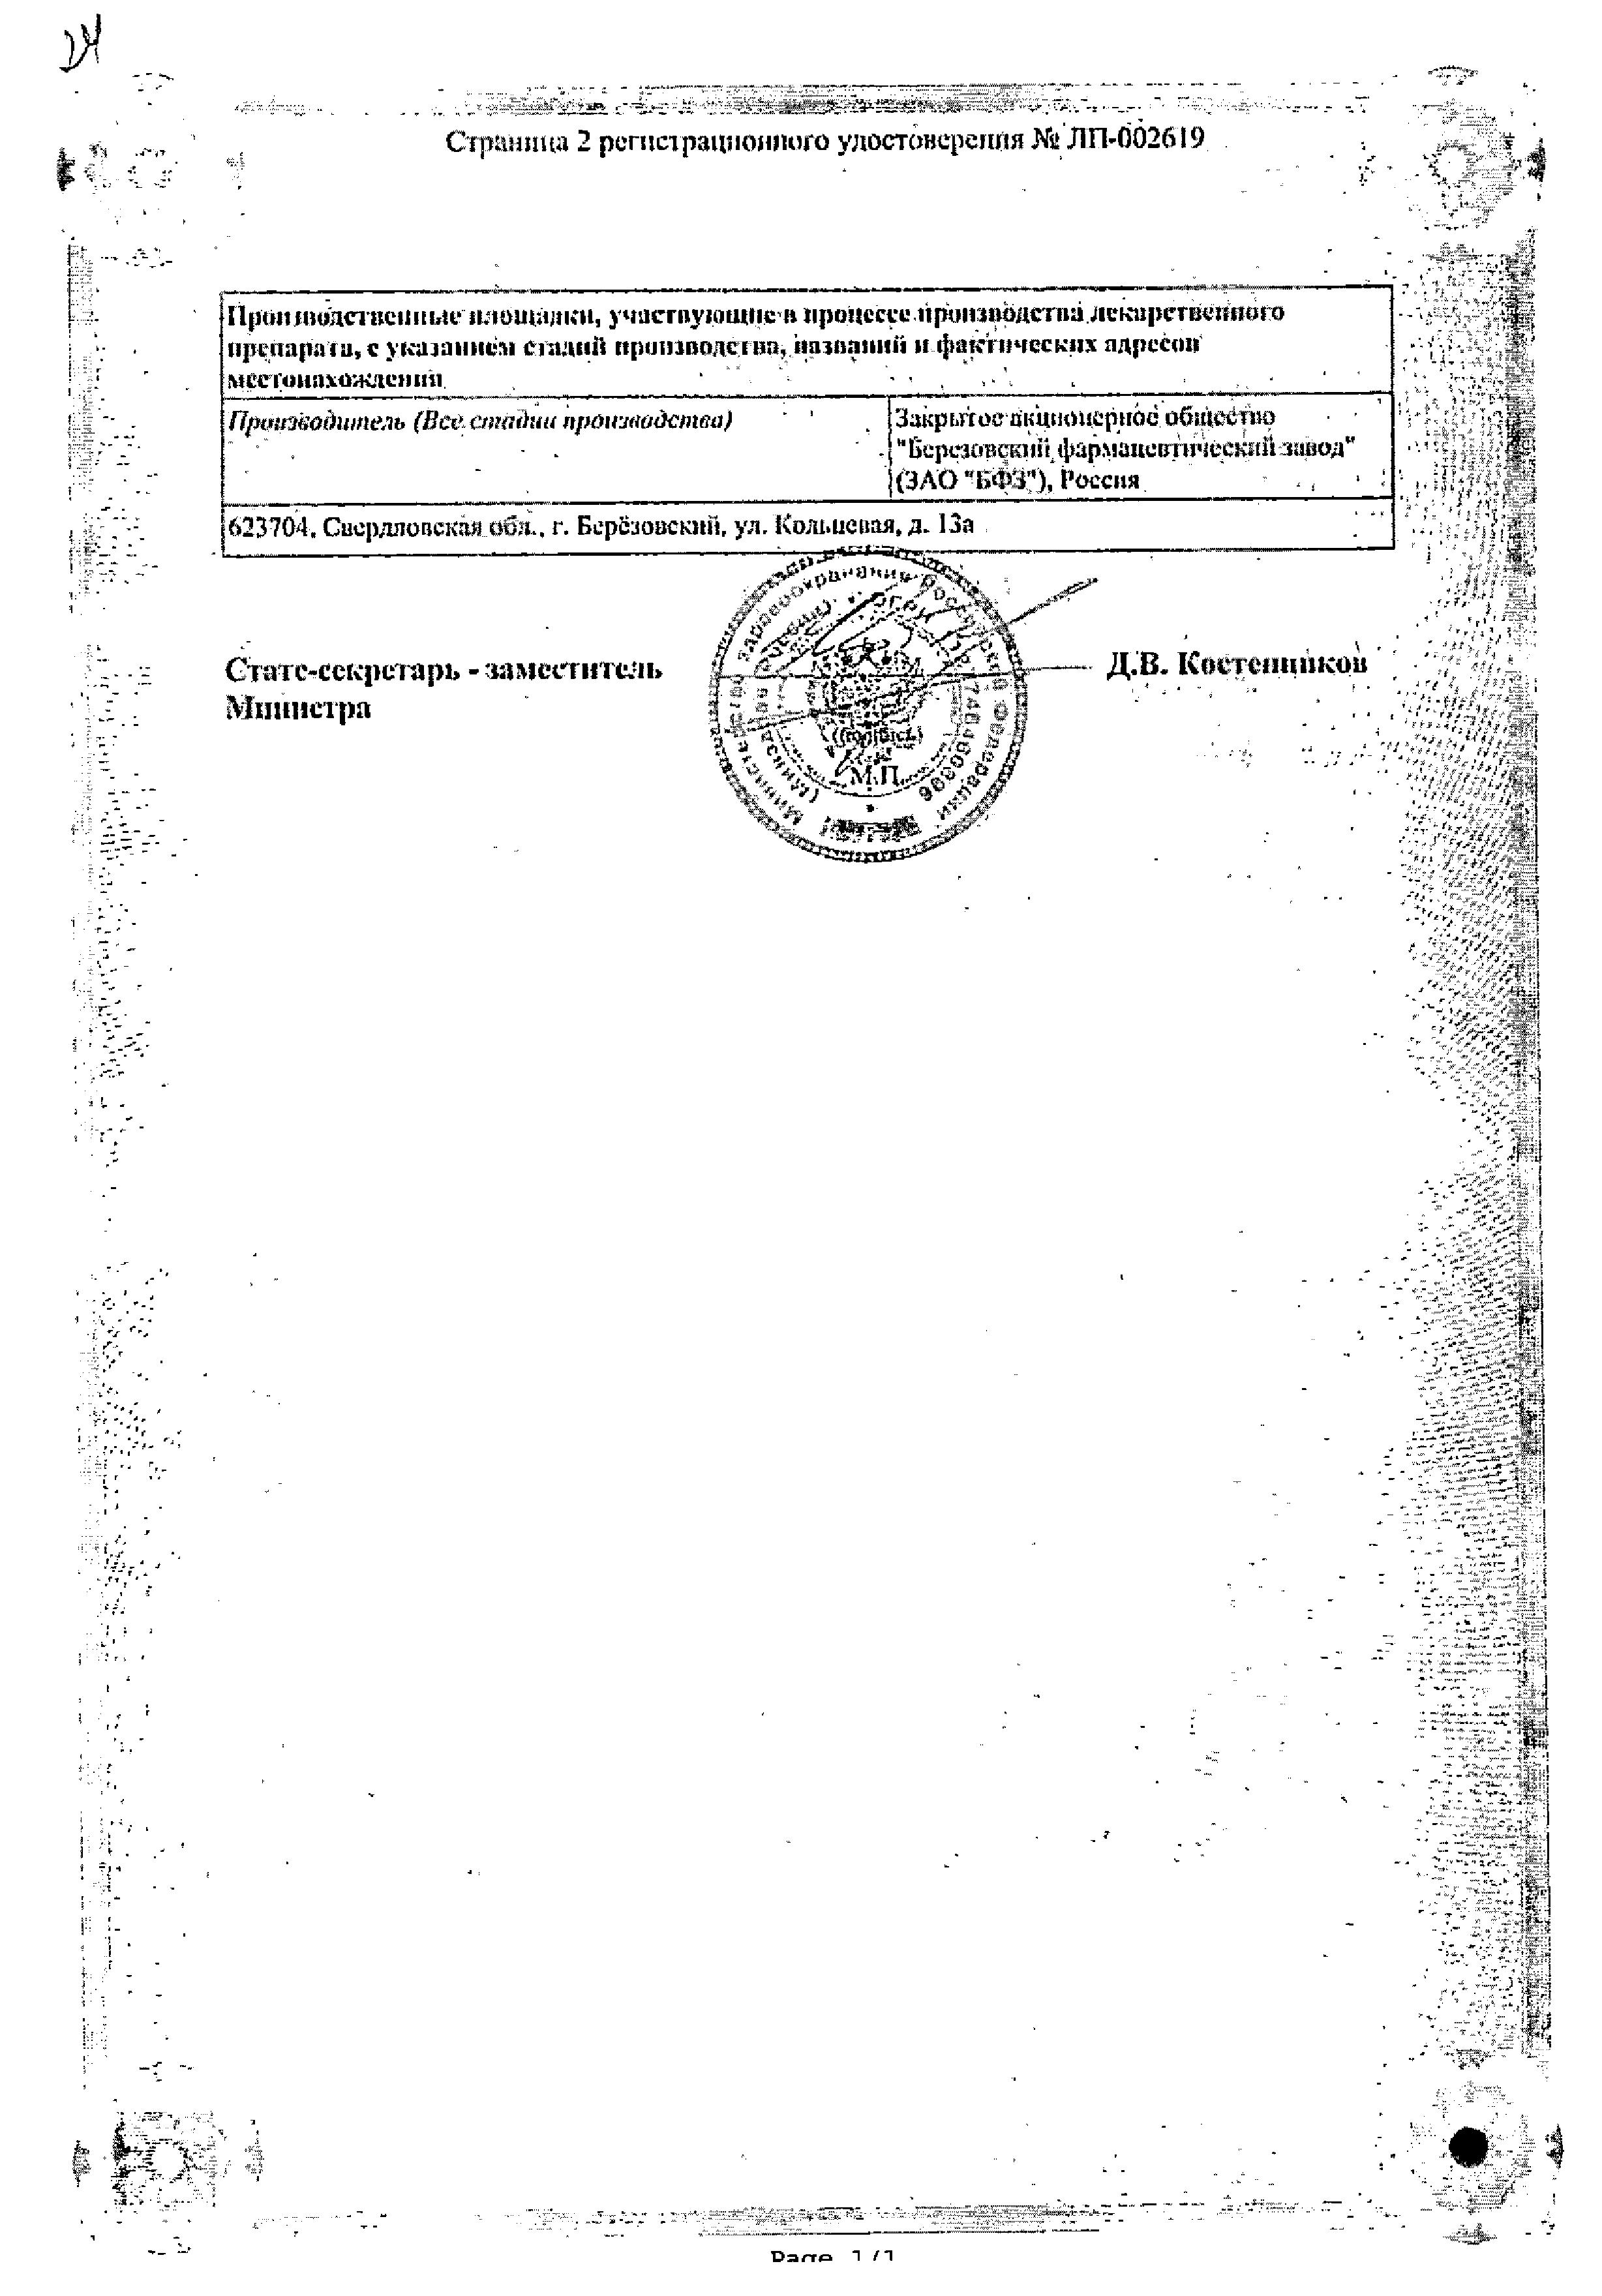 Тизанидин сертификат